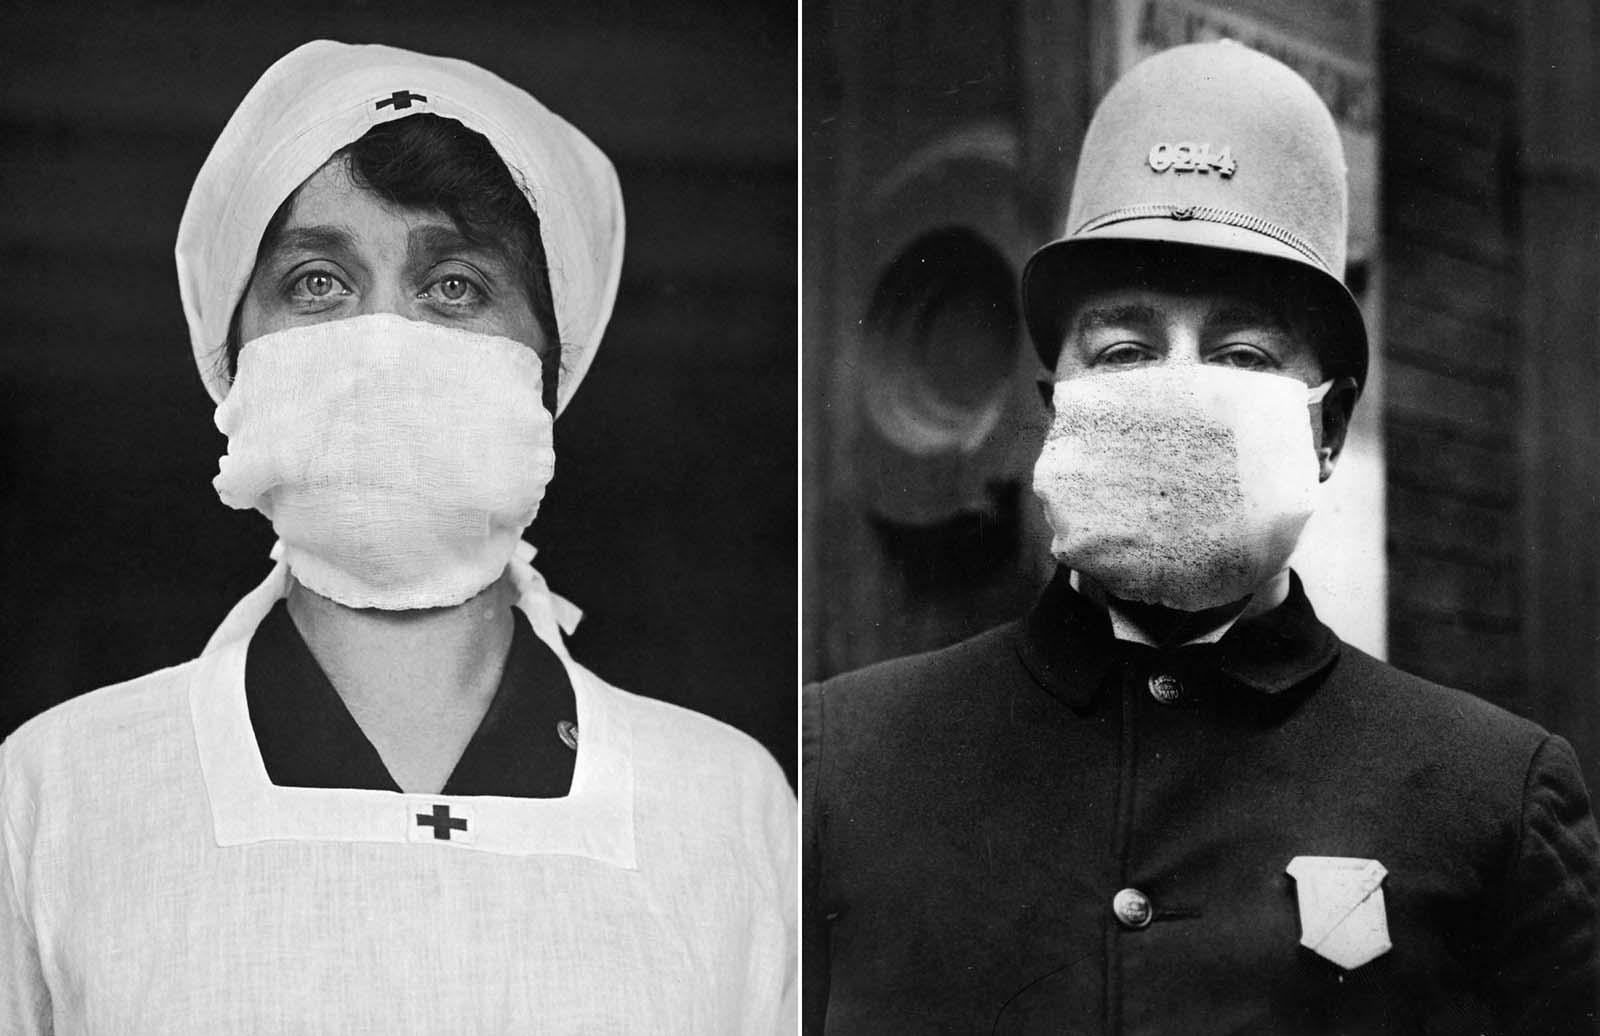 Direita: Um funcionário da Cruz Vermelha dos EUA usa uma máscara facial na tentativa de ajudar a diminuir a propagação da gripe.  1918. Esquerda: Um policial americano usa uma 'máscara de gripe' para se proteger do surto de gripe espanhol que se seguiu à Primeira Guerra Mundial. 1918.